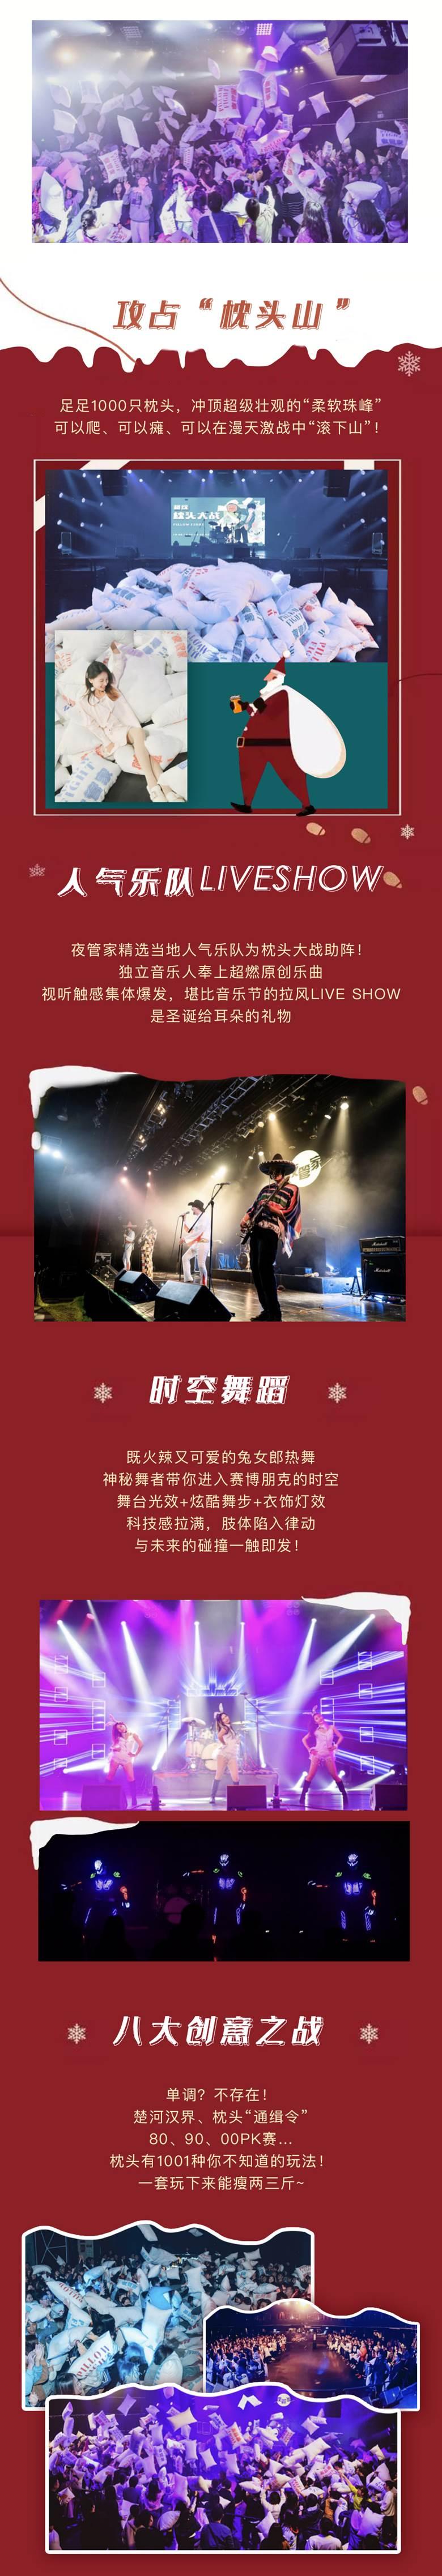 枕头大战长图文-2.jpg